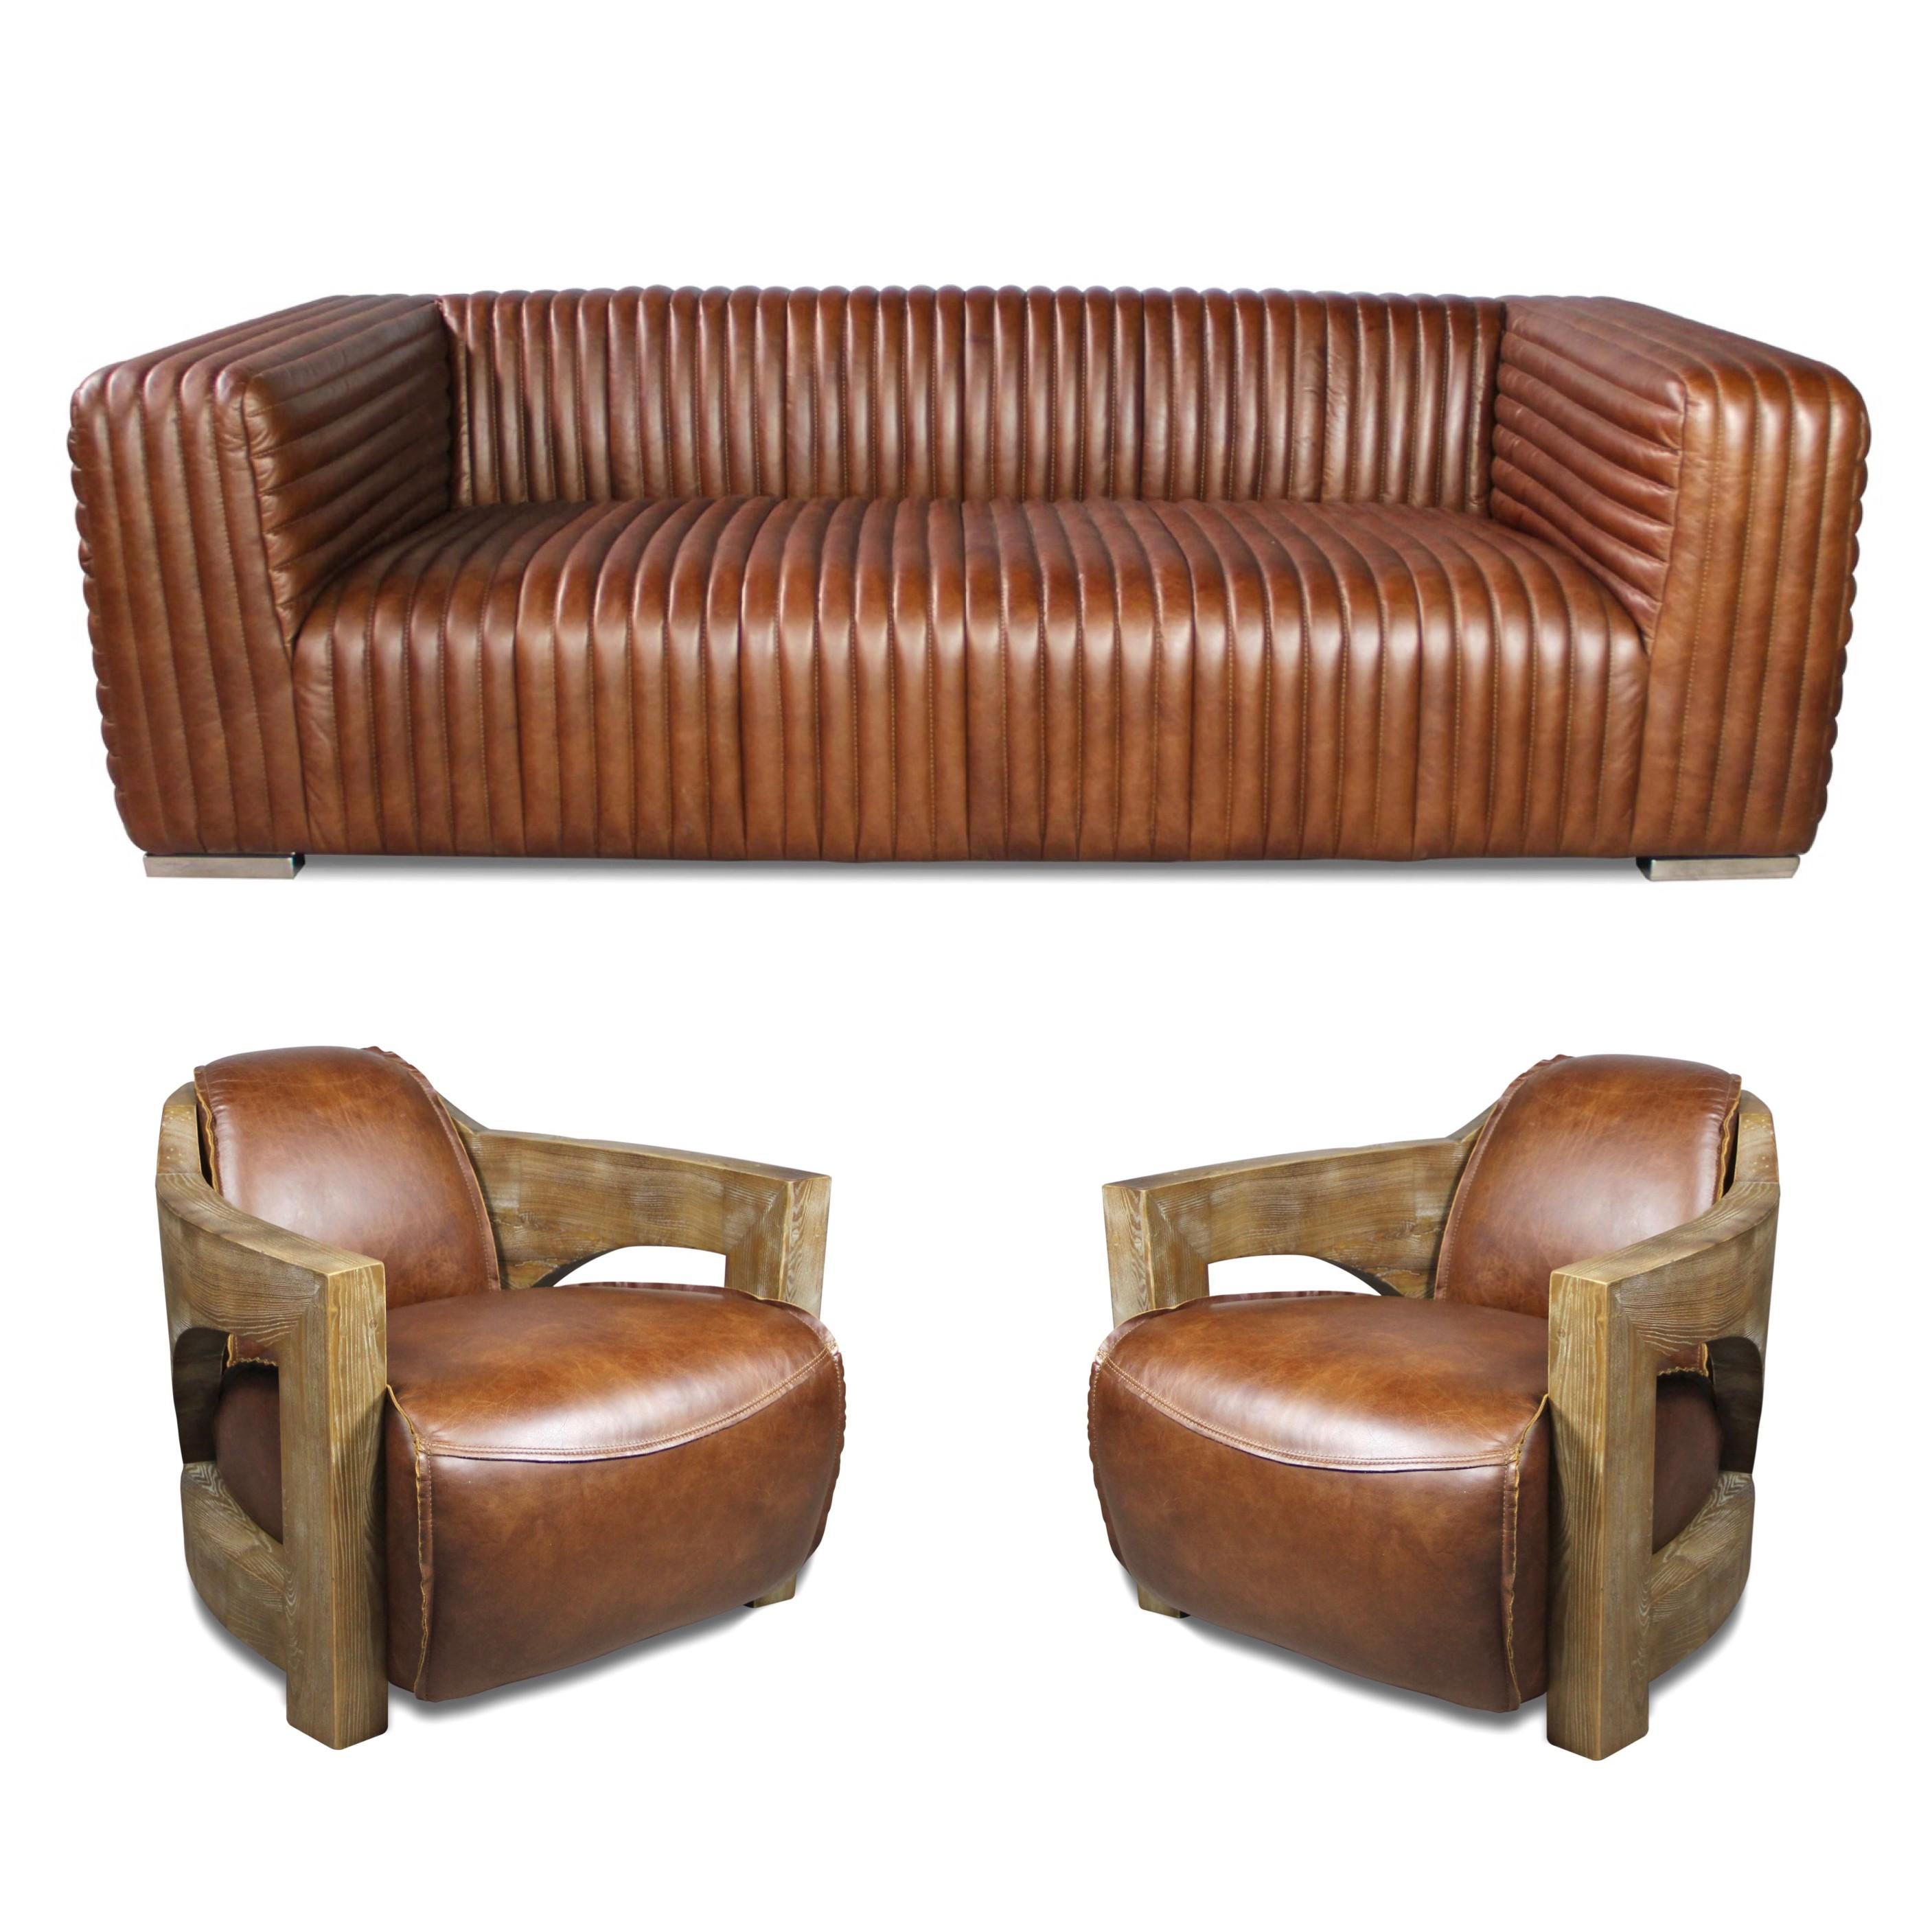 hellbraun leder sofa mit zwei vintage hellbraun leder und. Black Bedroom Furniture Sets. Home Design Ideas